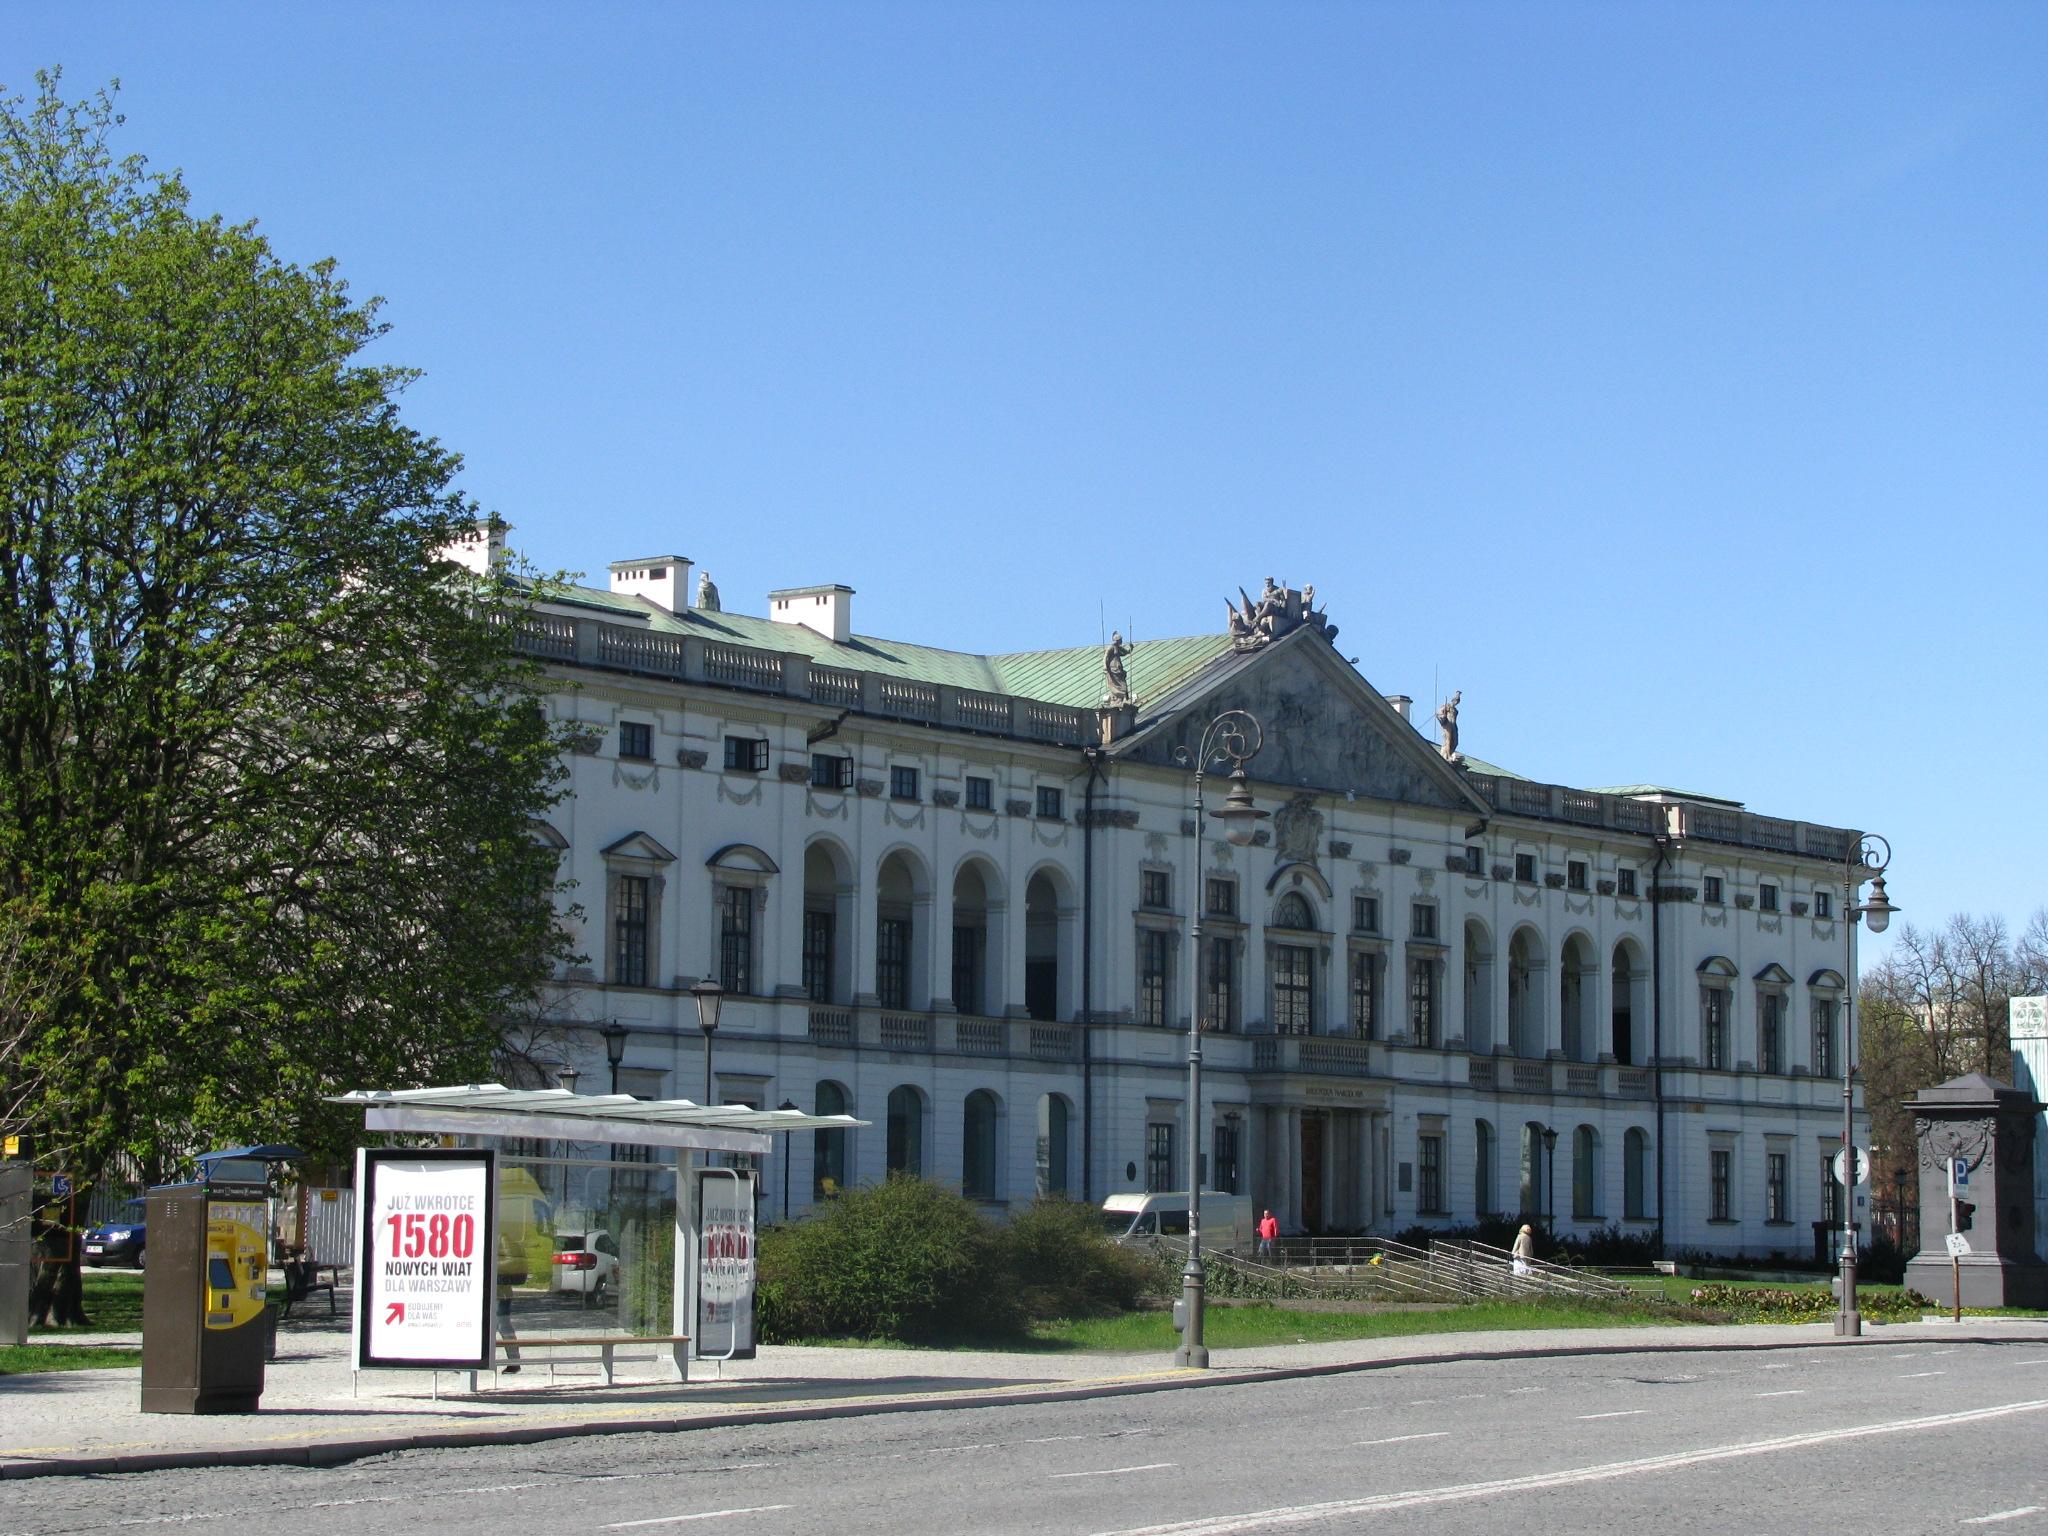 Κτίριο της Εθνικής Βιβλιοθήκης(κλειστό γι' ανακαίνιση)